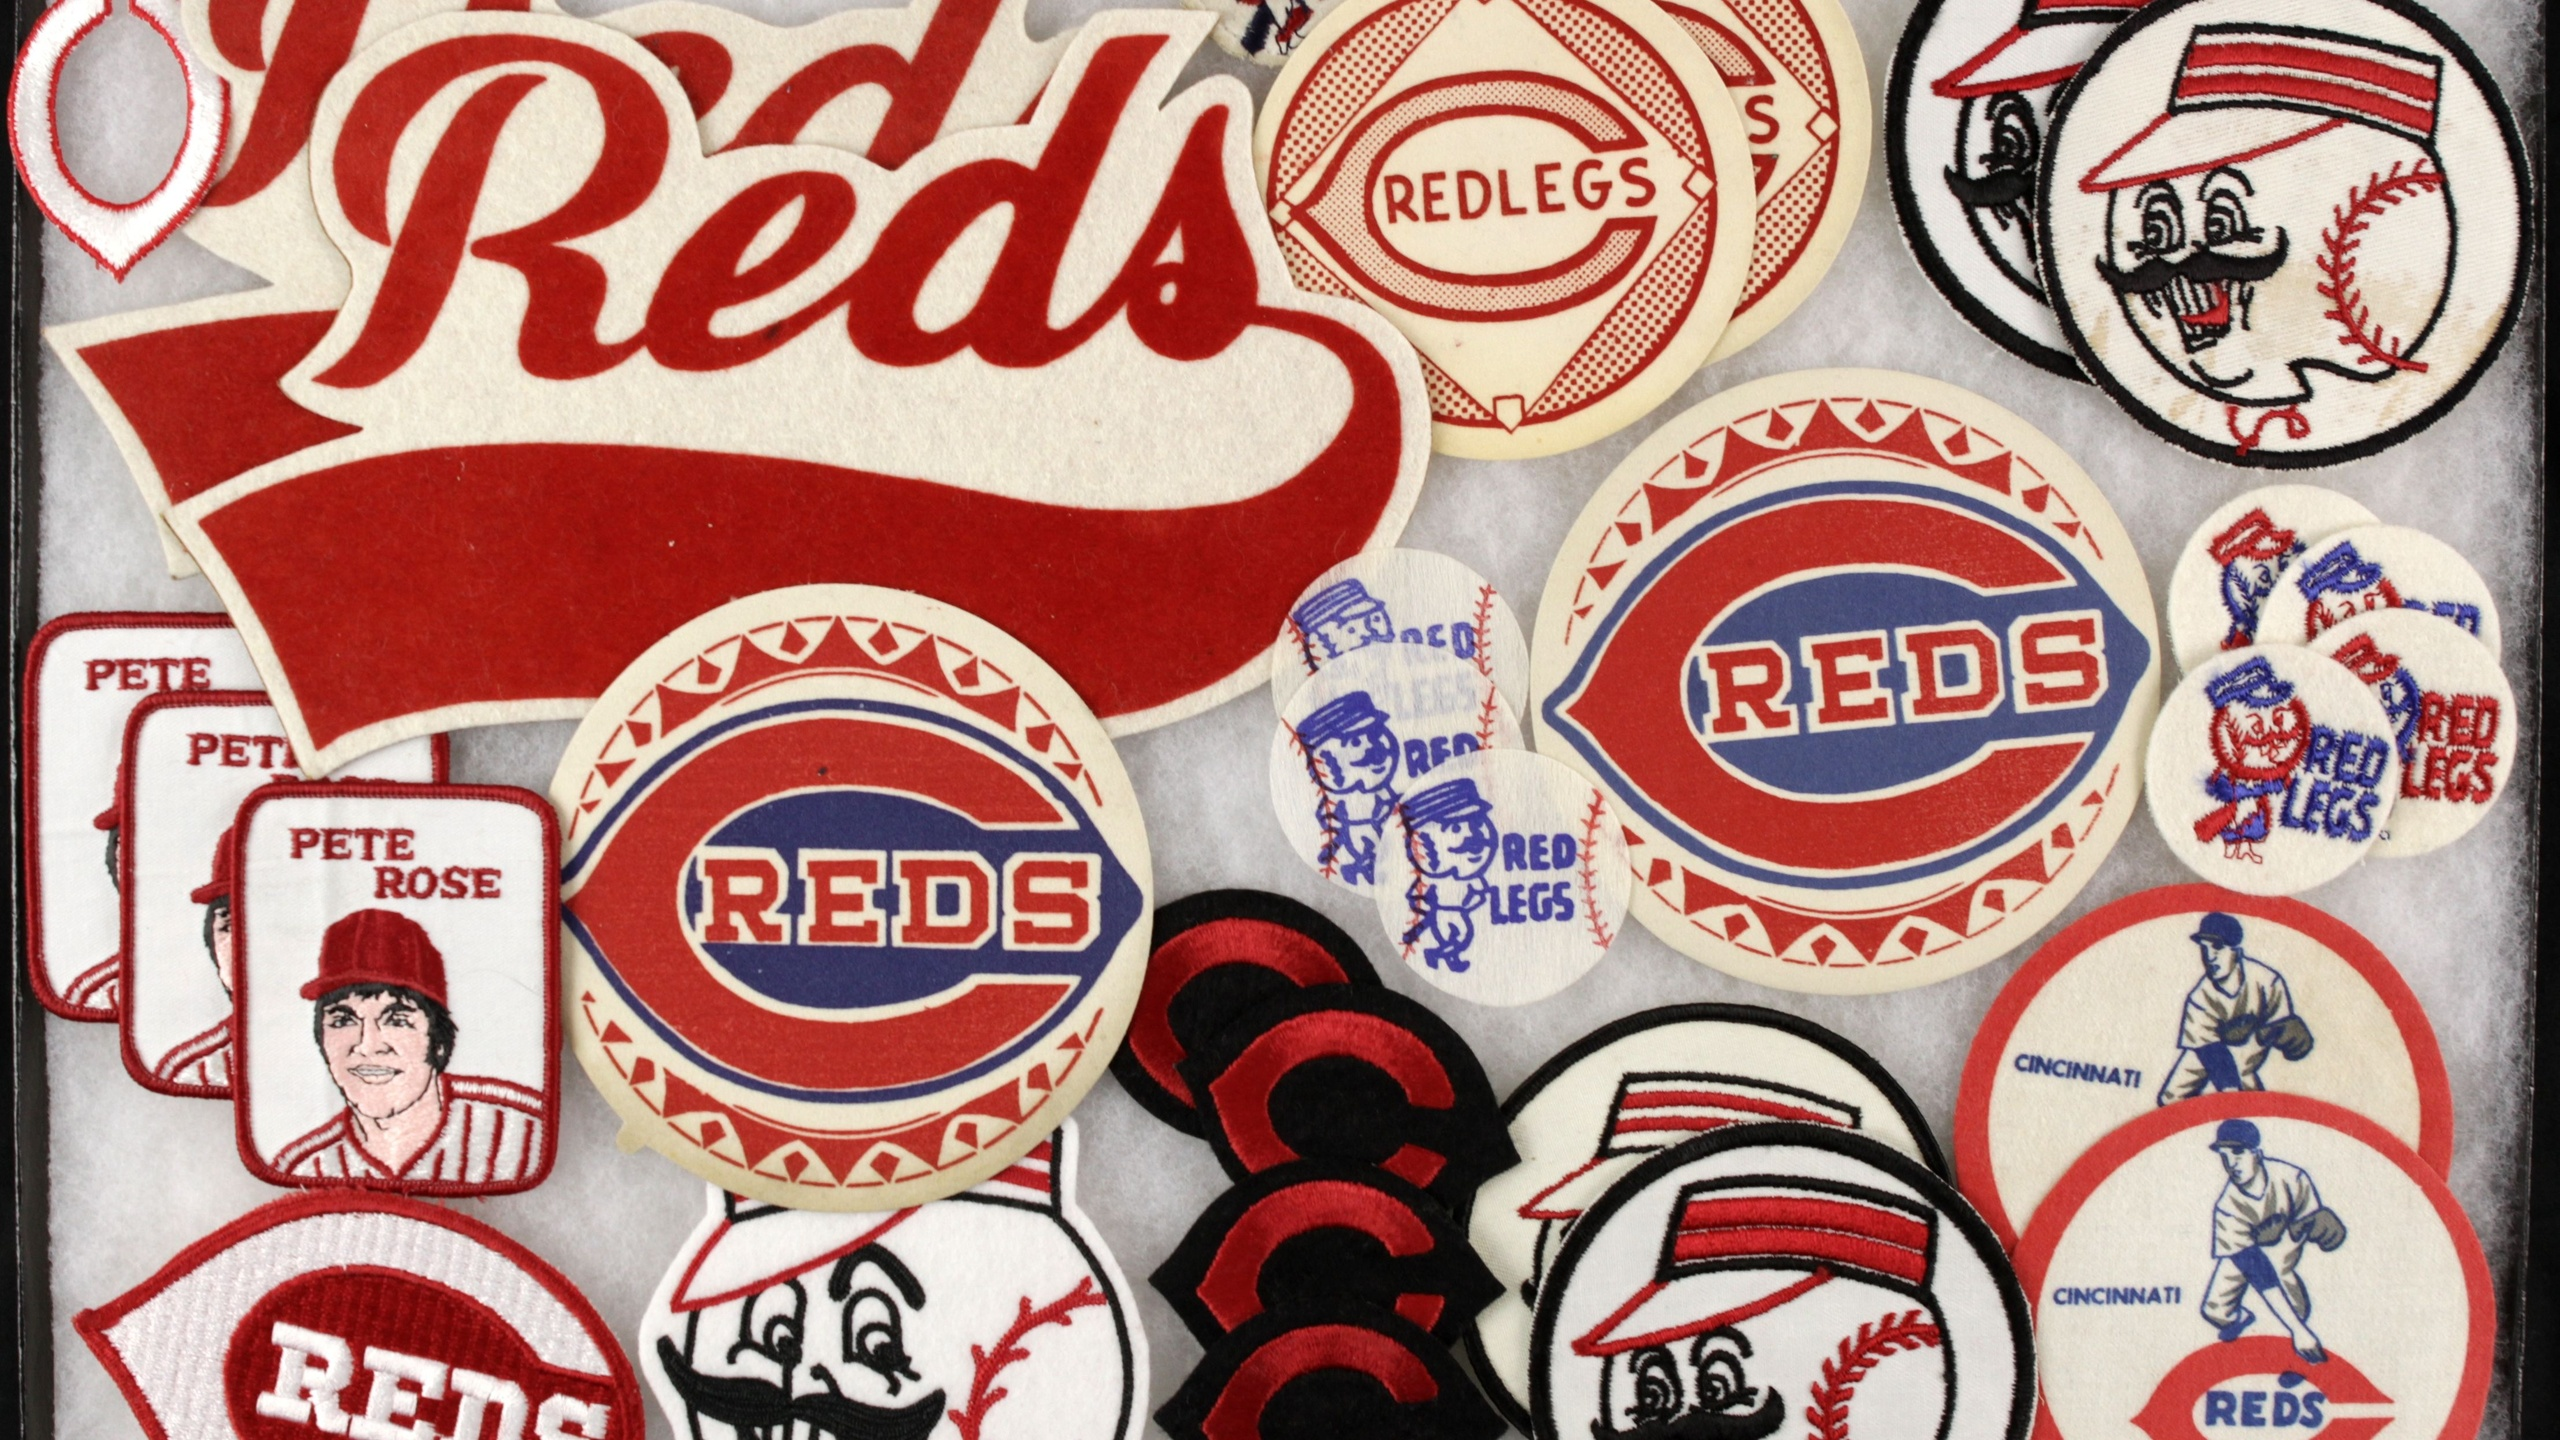 Cincinnati Reds Wallpaper 18   2560 X 1440 stmednet 2560x1440